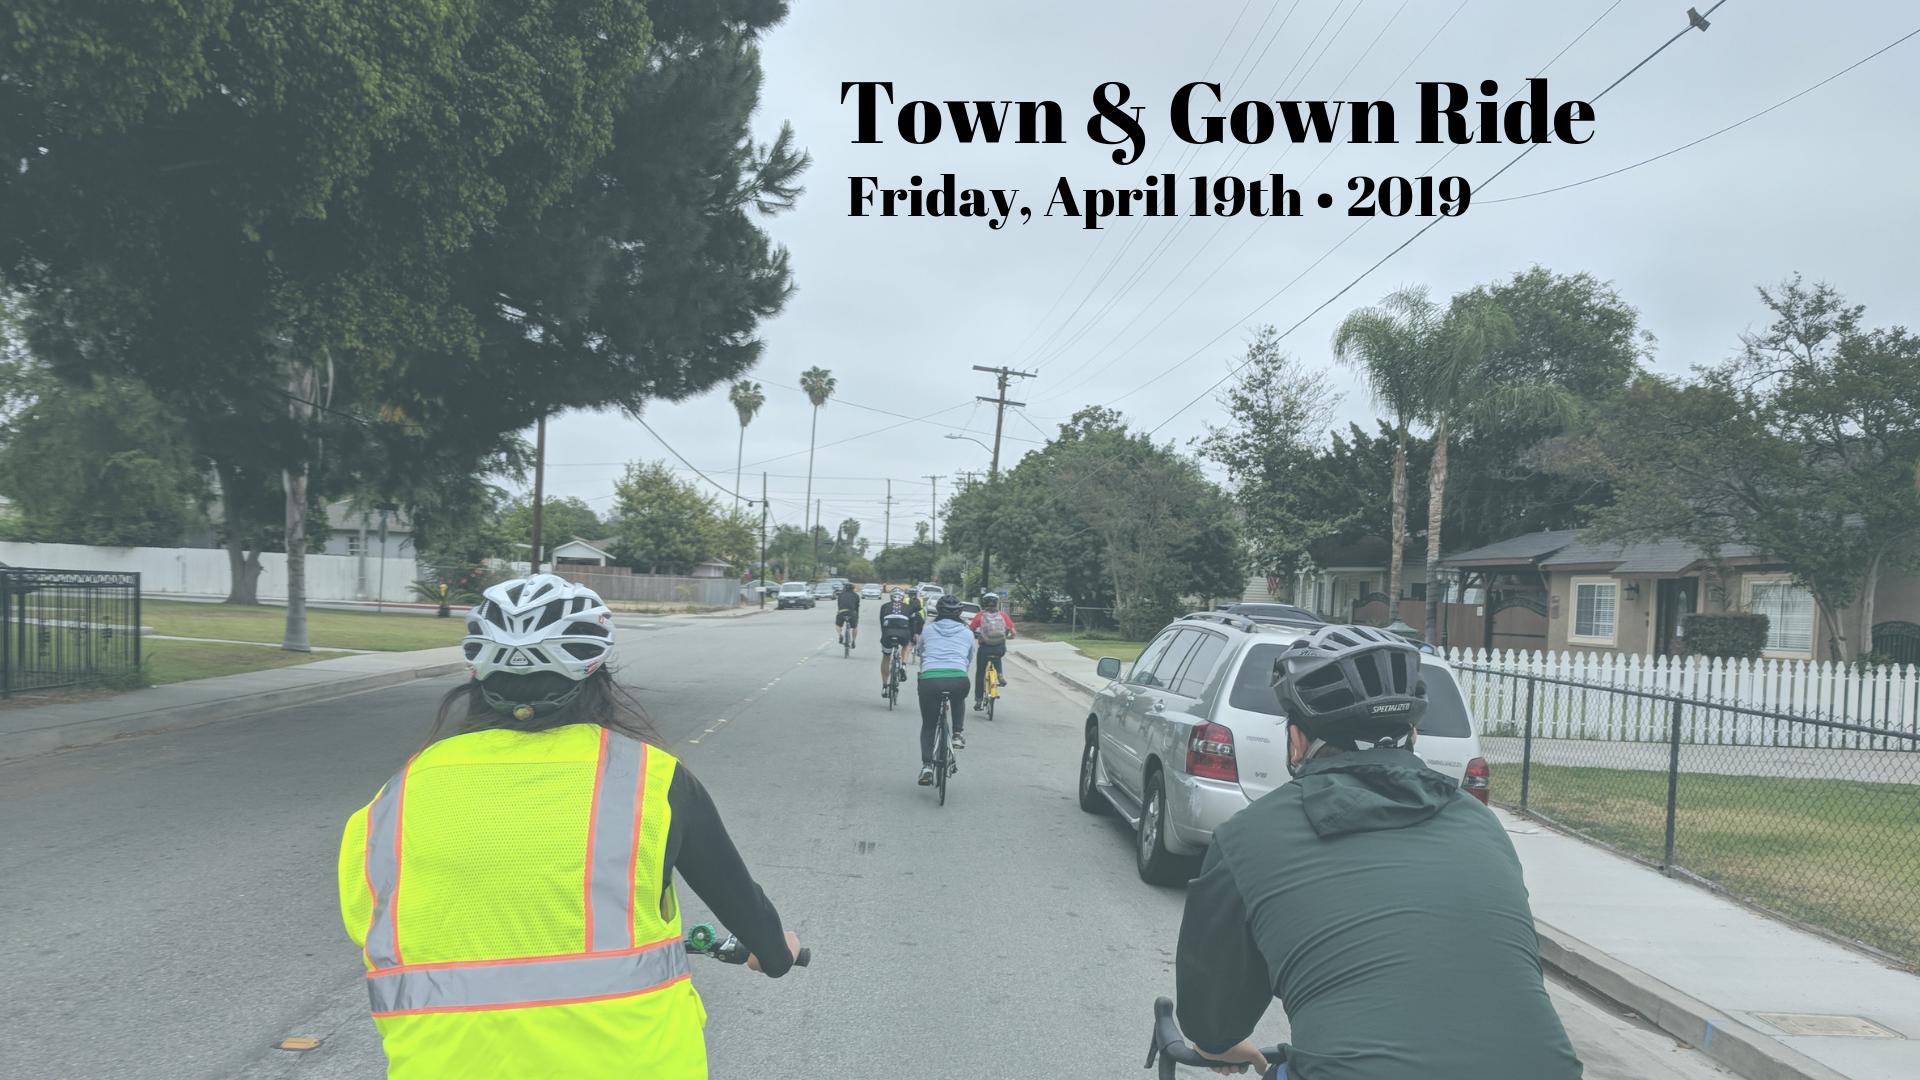 bike ride flyer